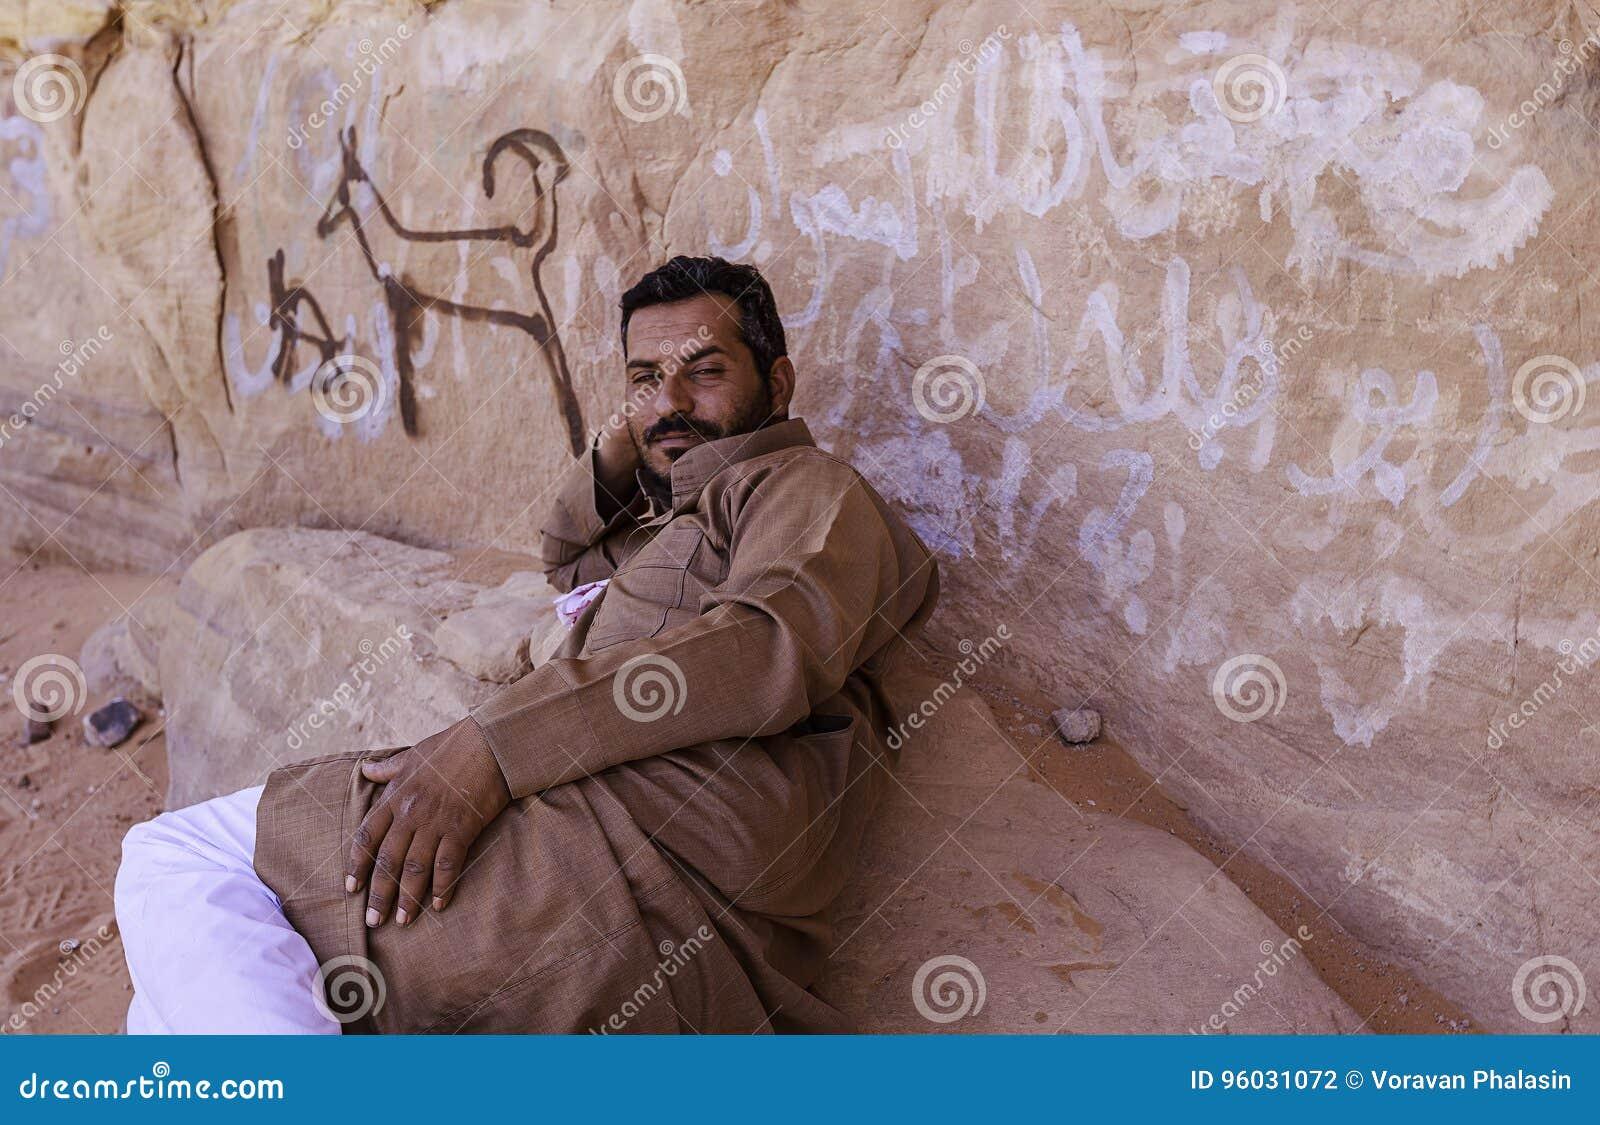 Wadiego rum, Jordanowski † Czerwiec 20, 2017: Beduiński mężczyzna lub Arabski mężczyzna w tradycyjnym stroju, łgarski puszek na